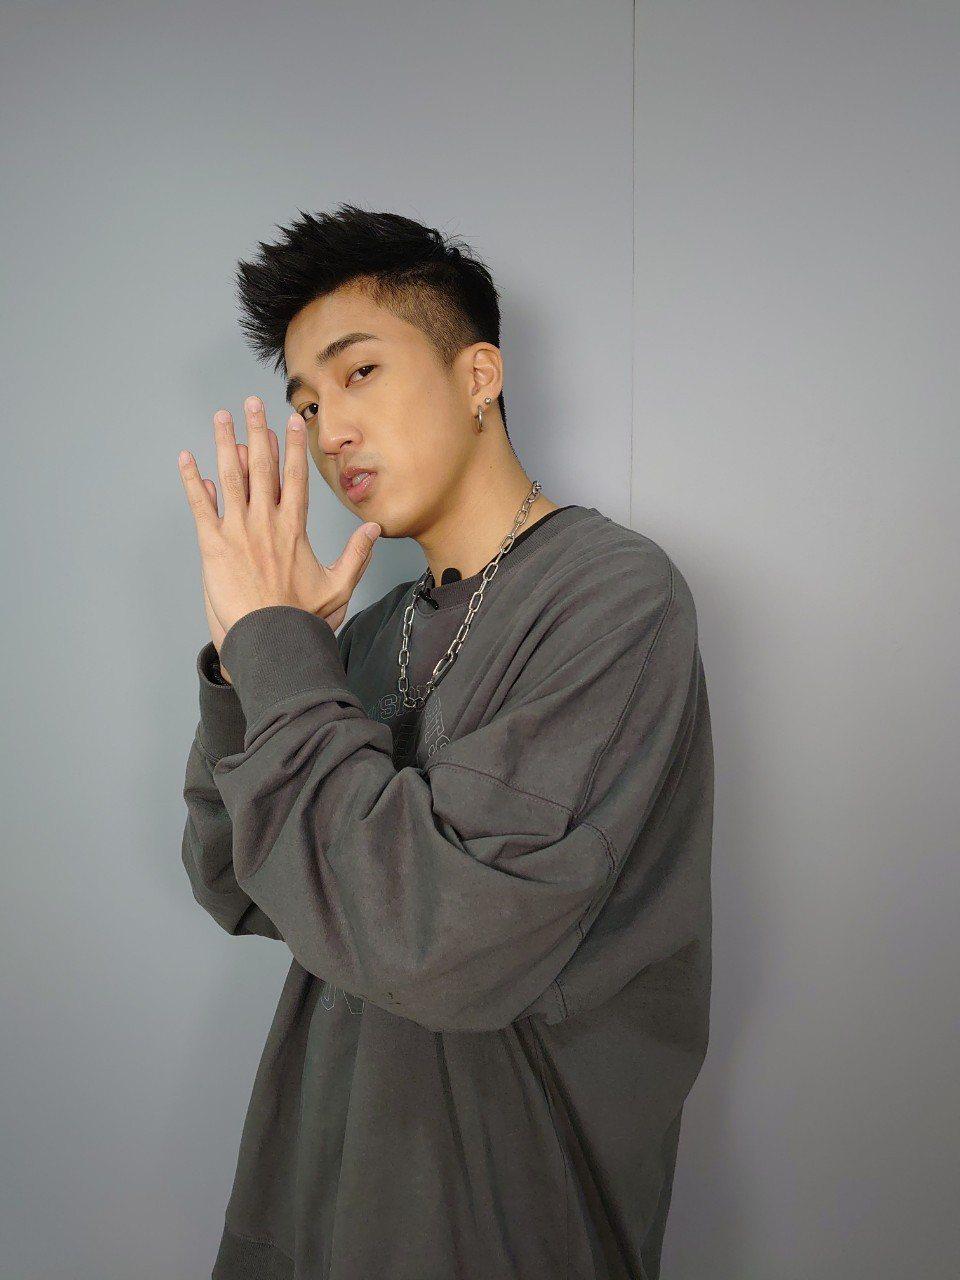 婁峻碩日前獲Hit FM邀請擔任防疫舞蹈小尖兵,將律動感十足的新歌「COLORF